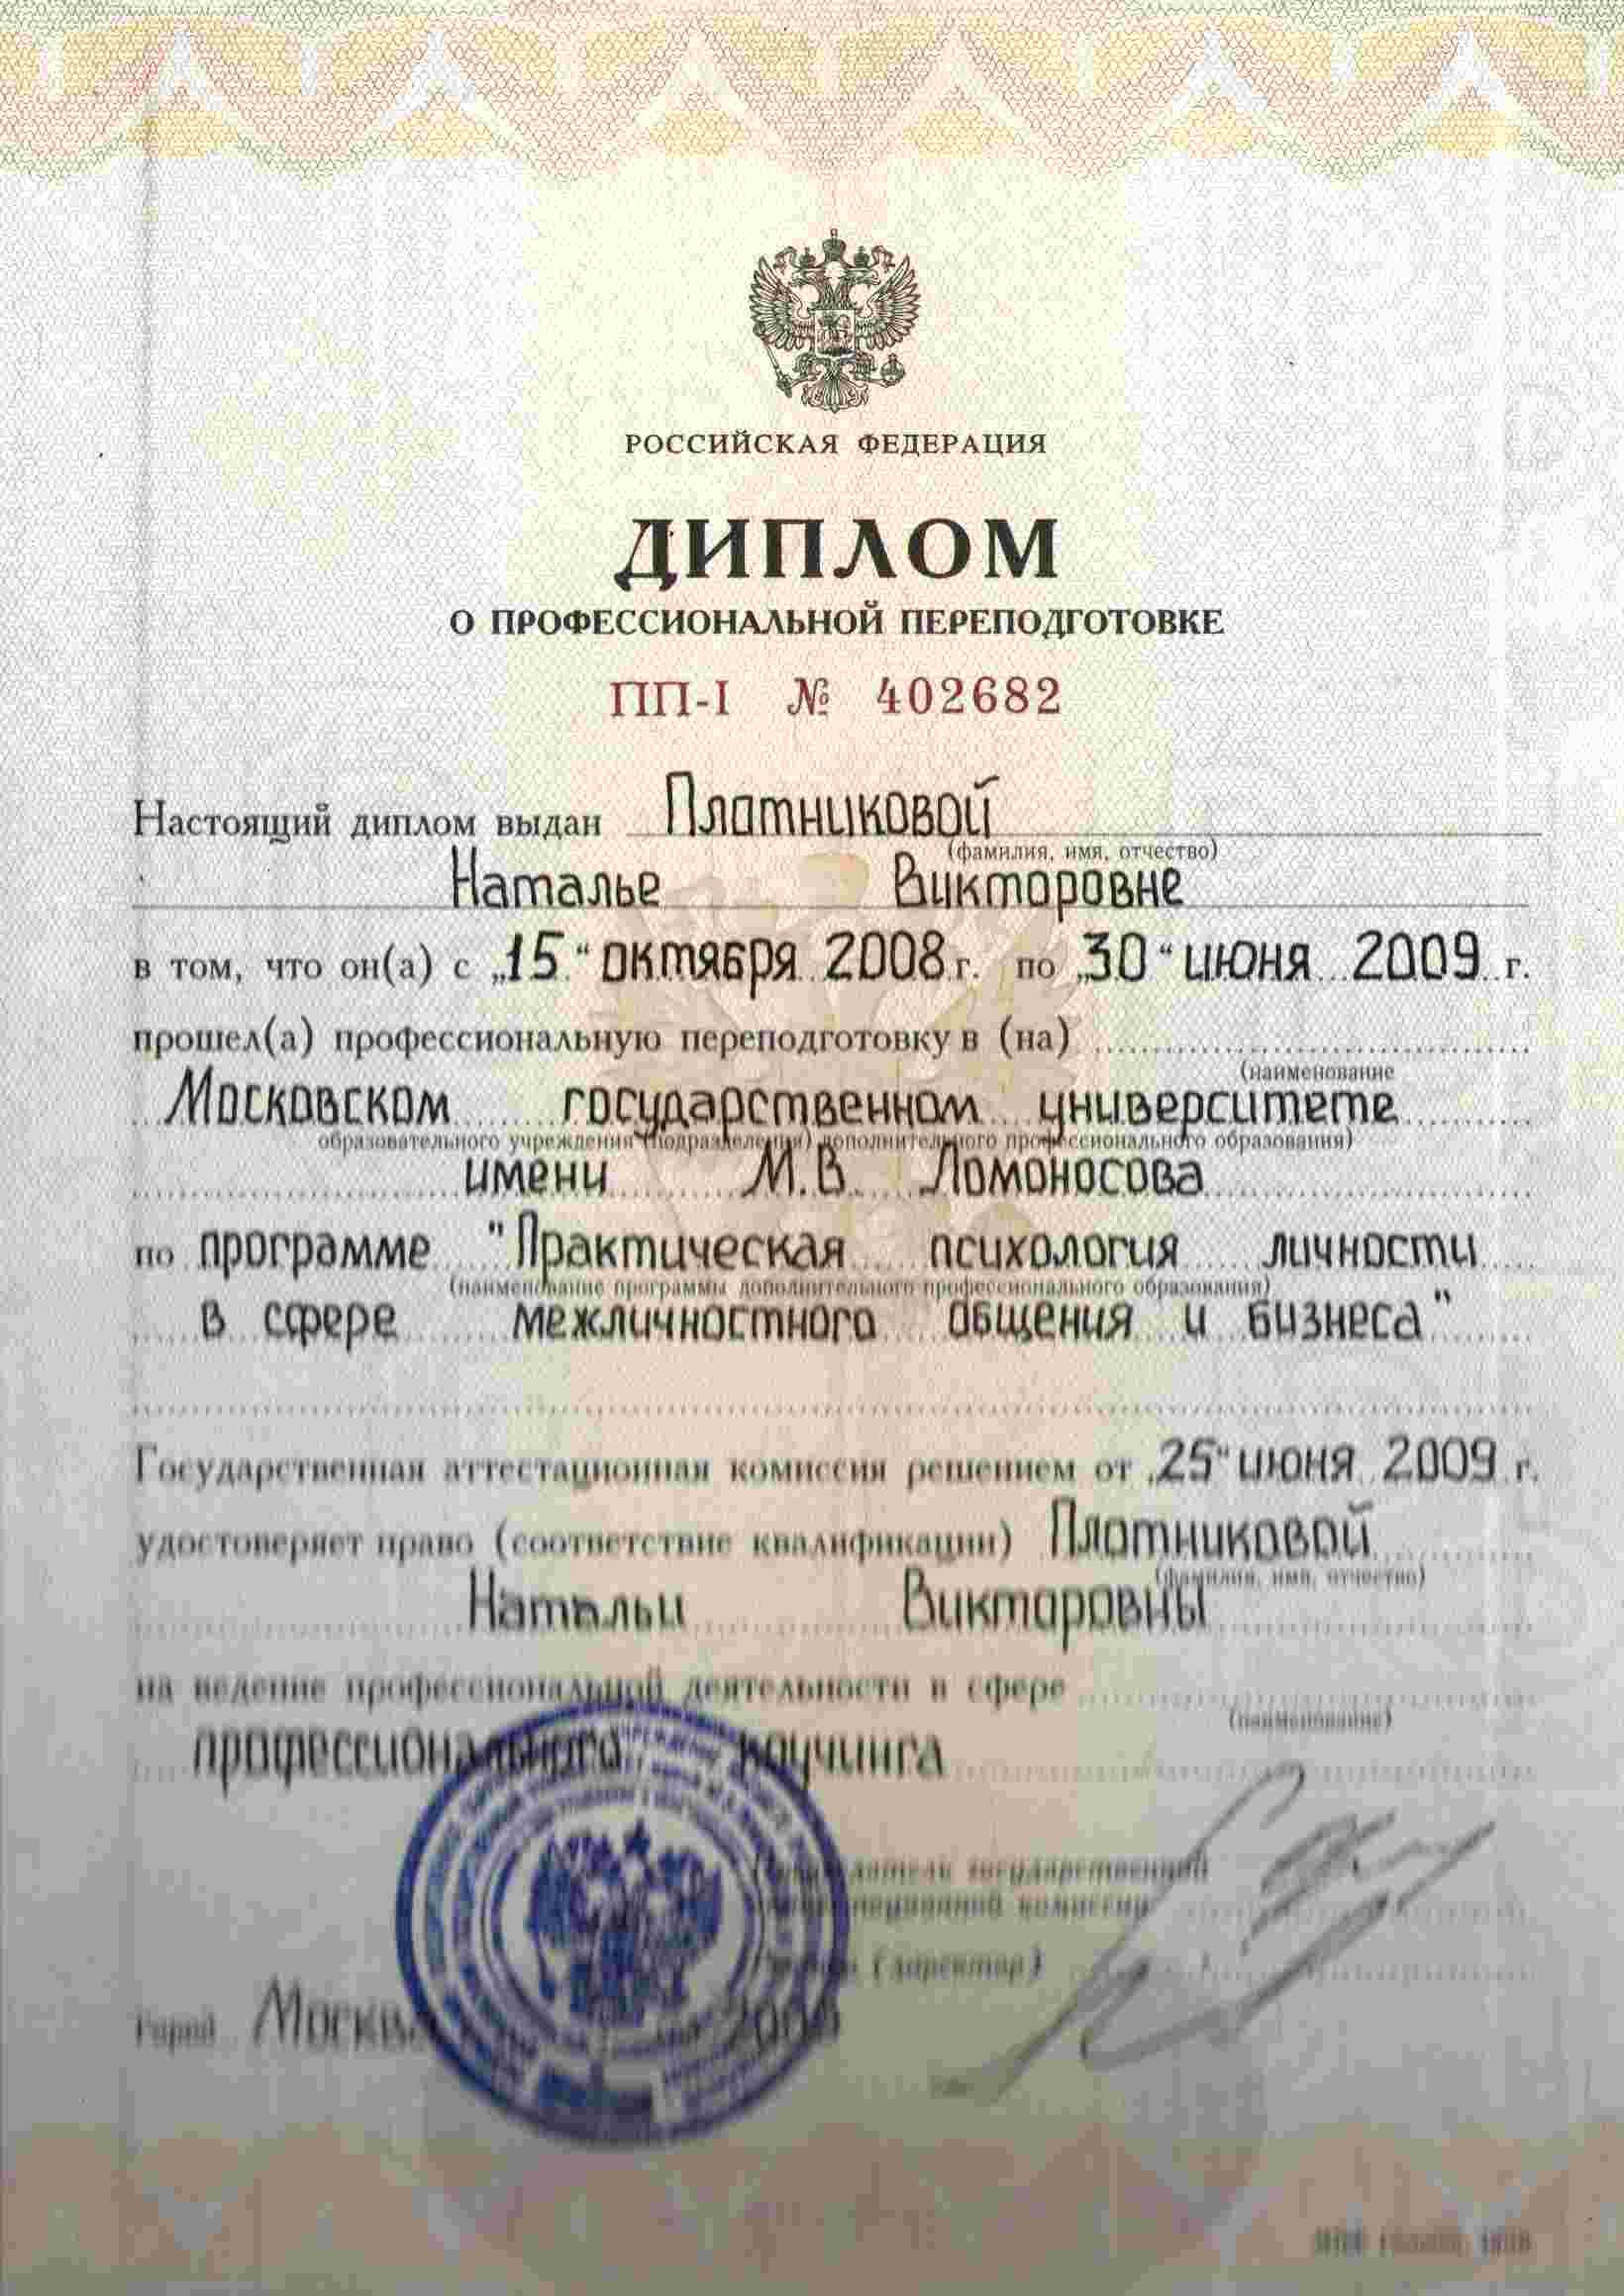 Diplom-005